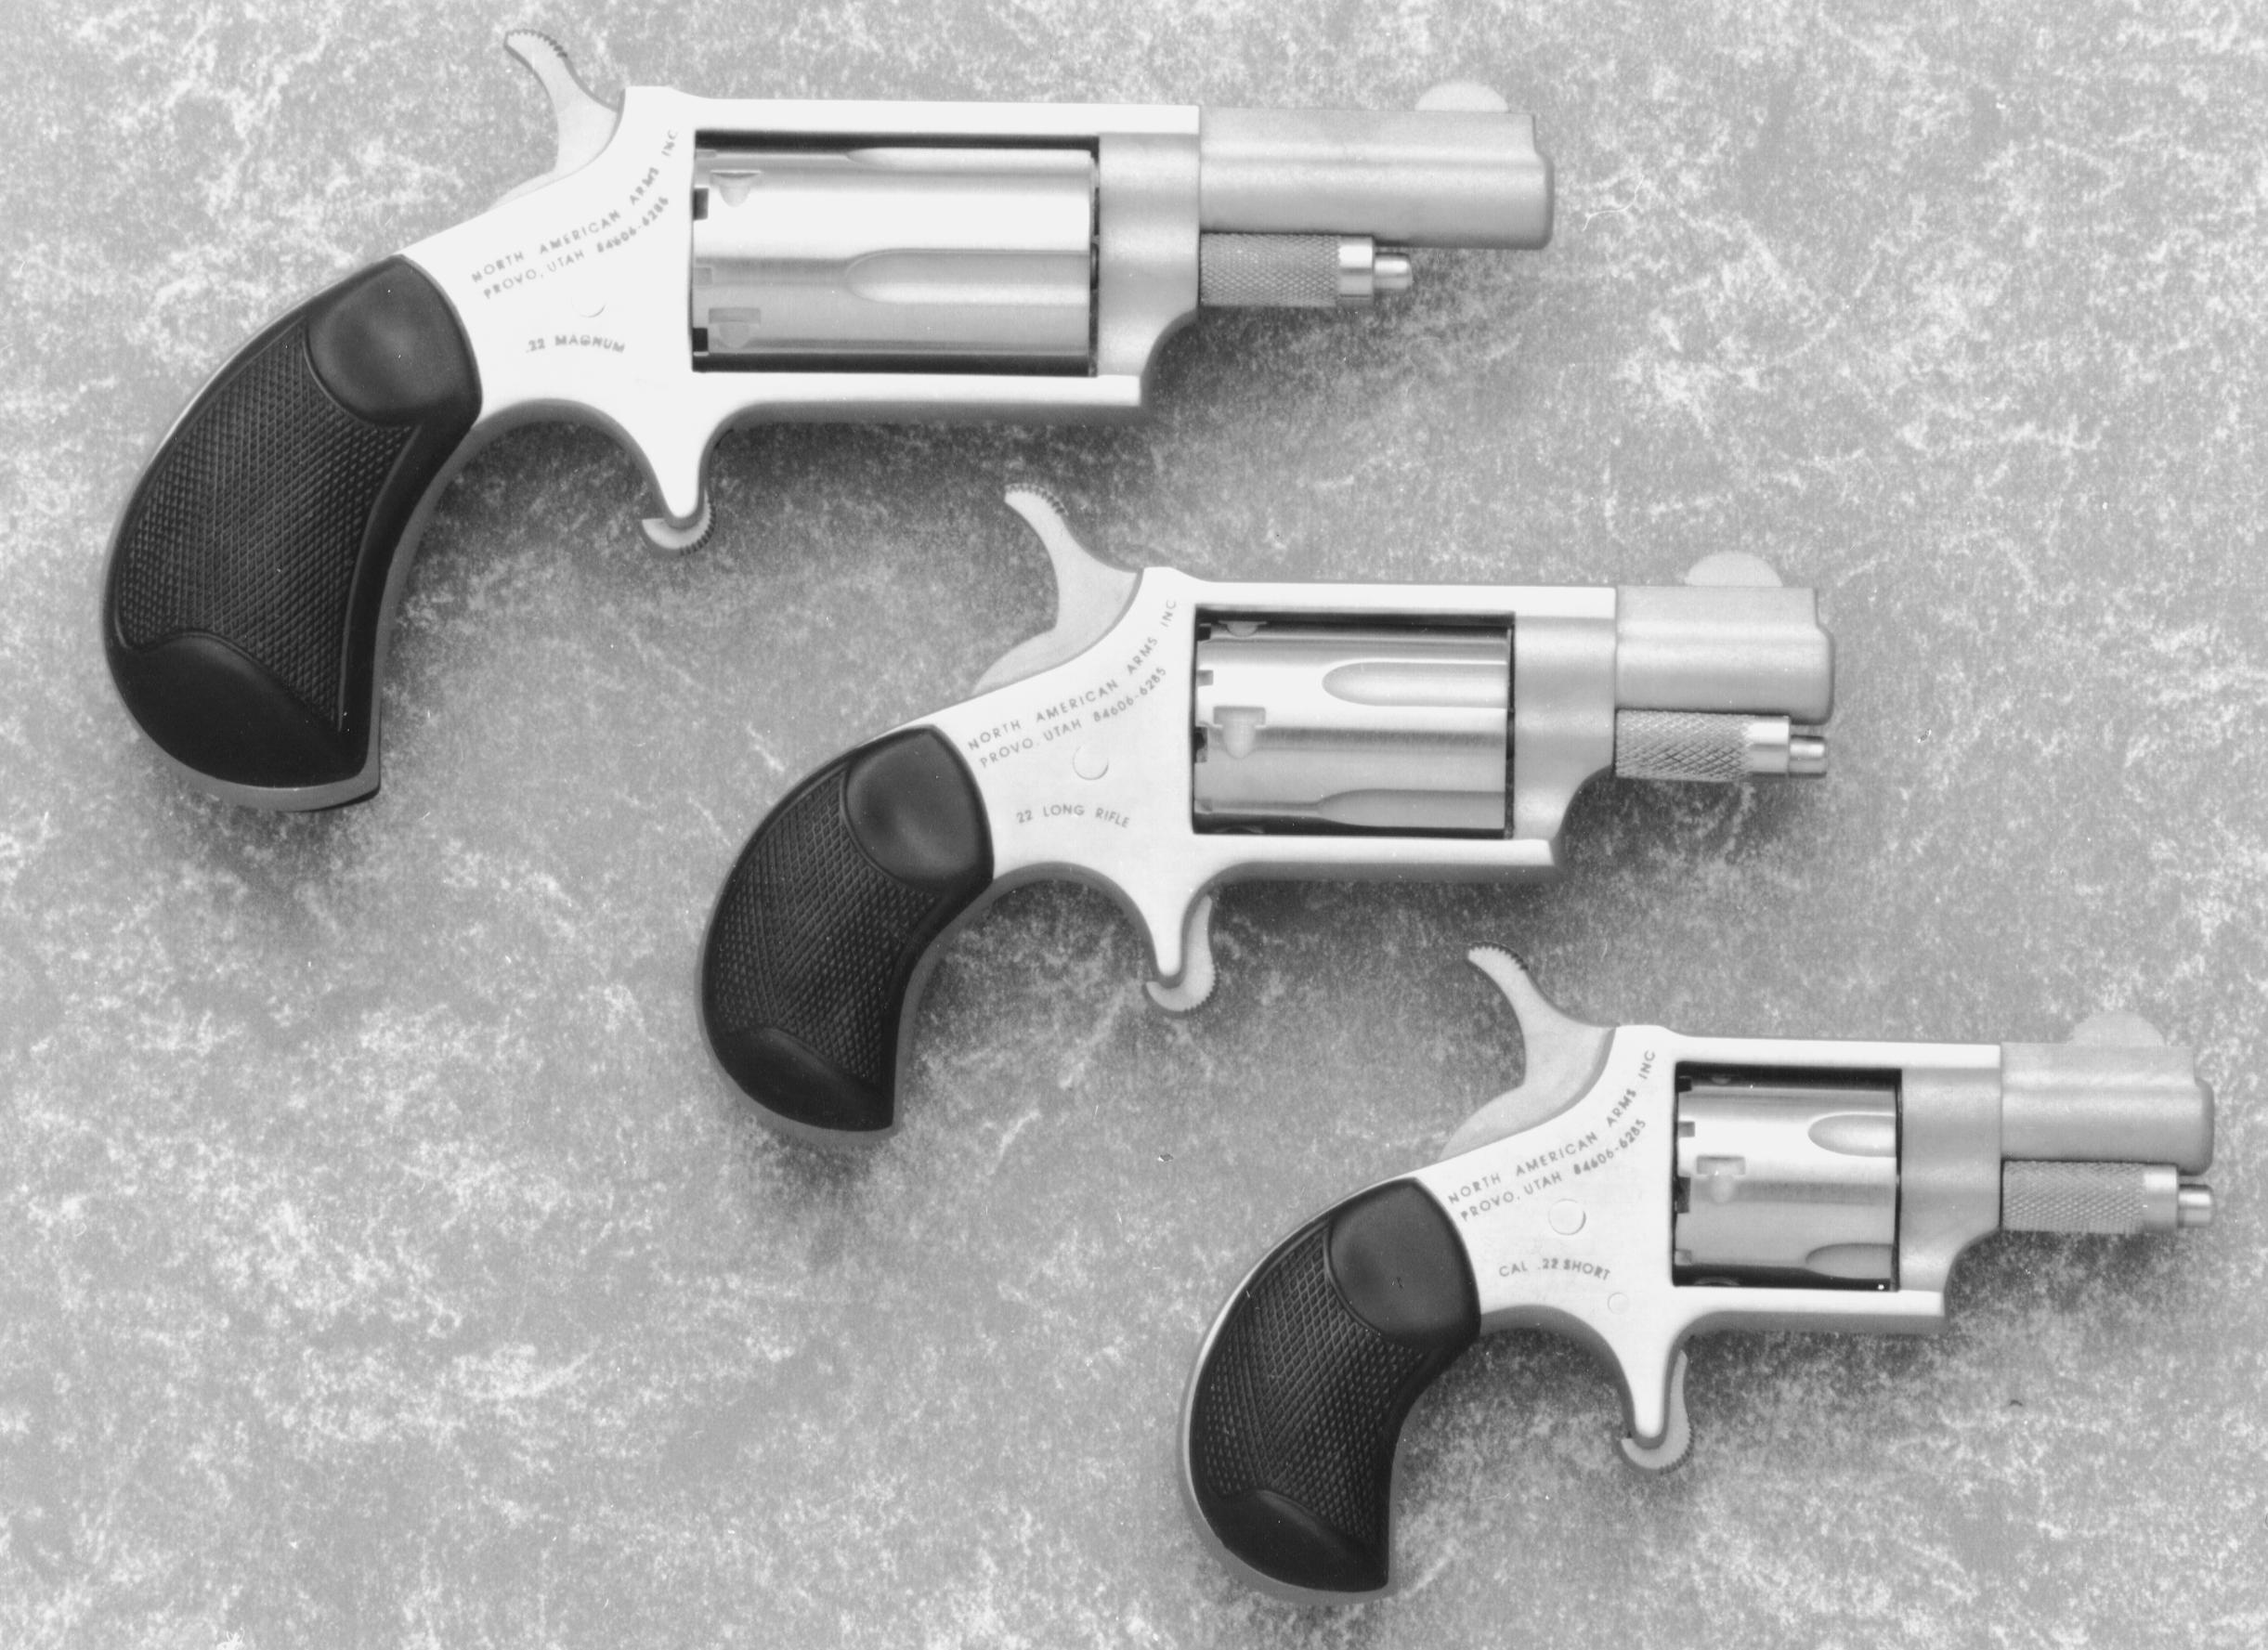 Standard 3 Gun Set